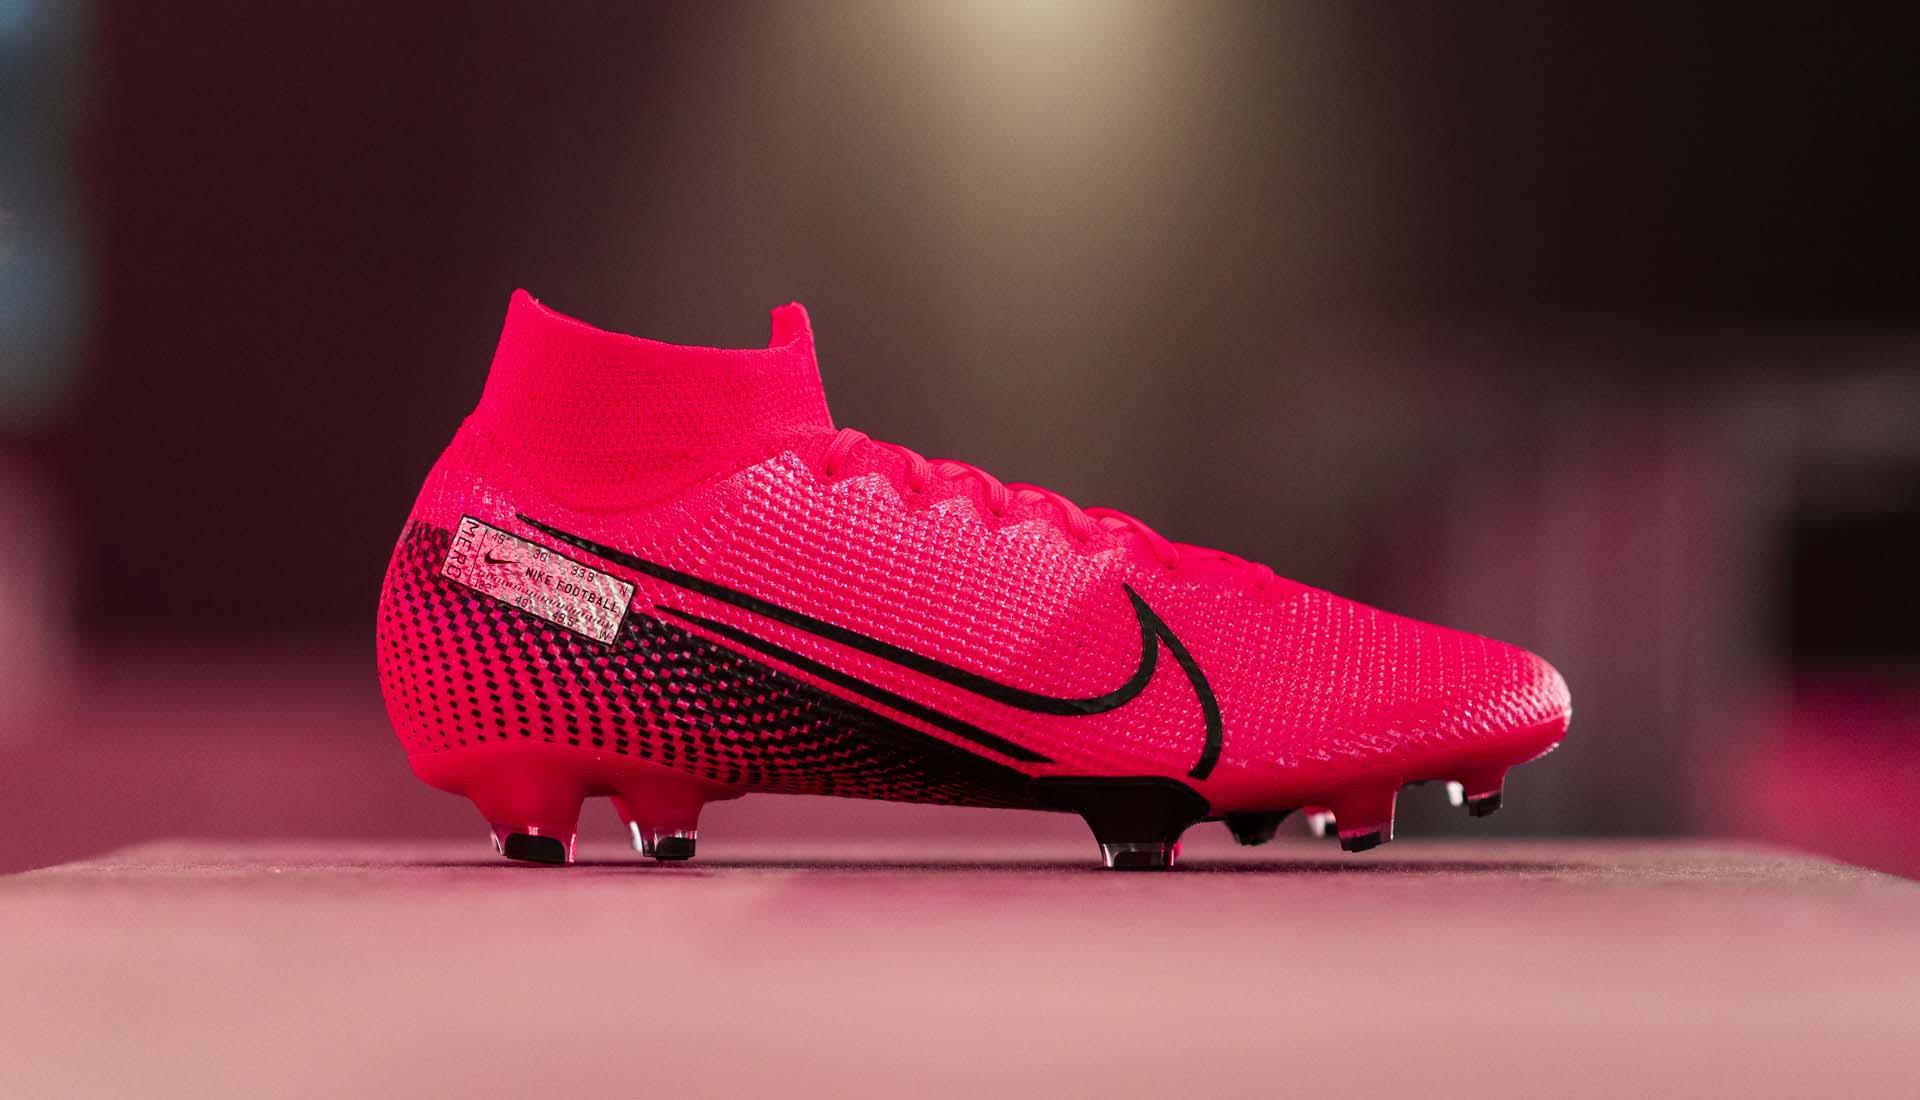 Giày bóng đá Nike thường được sản xuất ở các nước có chi phí nhân công thấp trong đó có Việt Nam